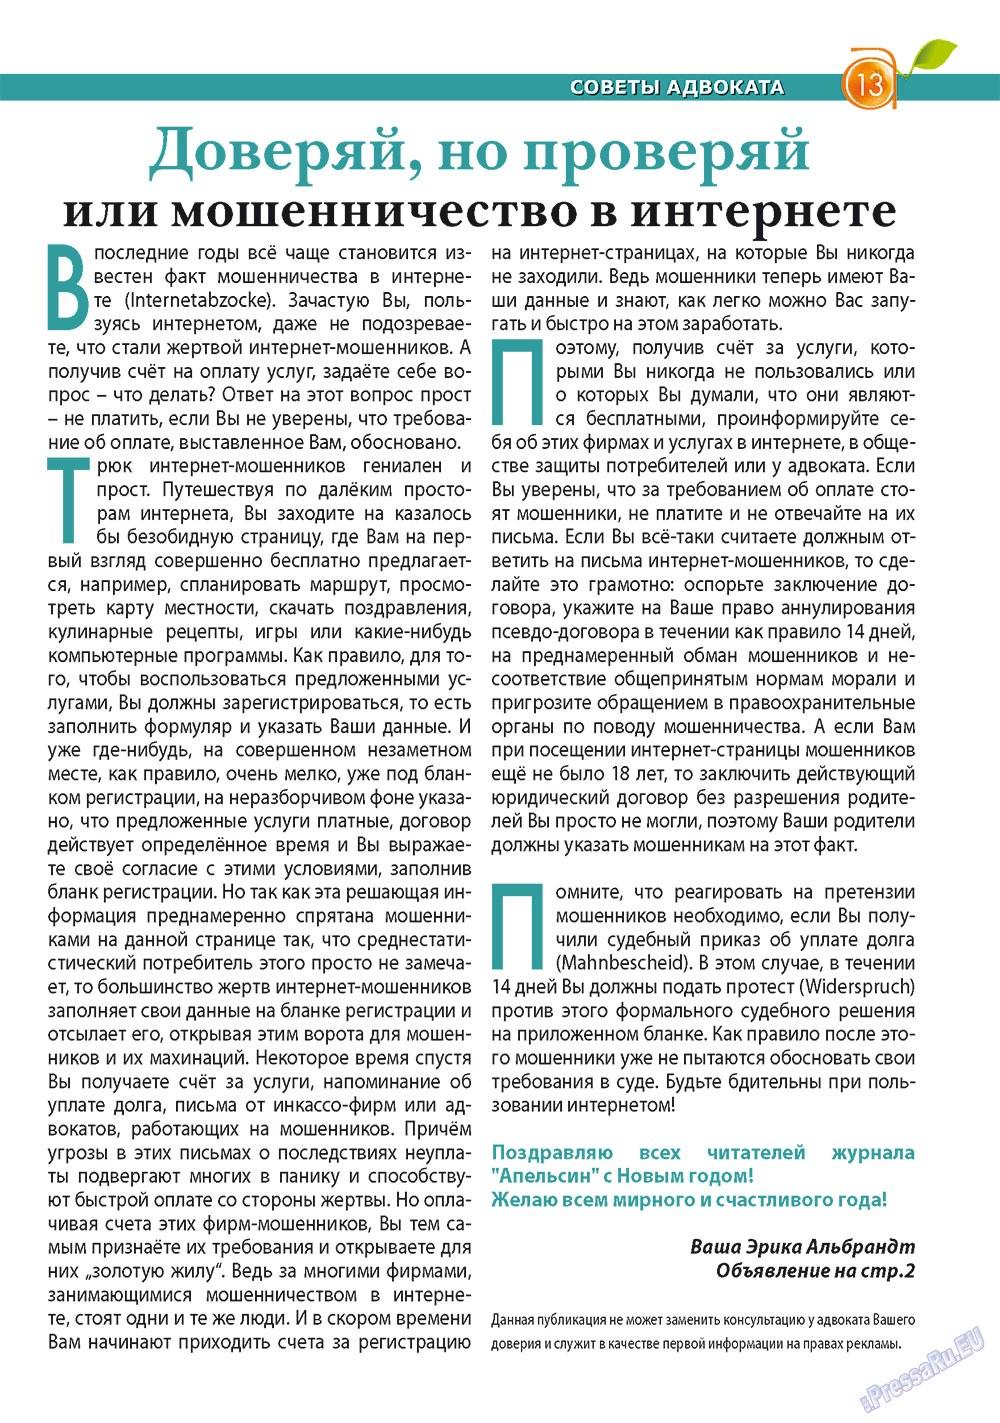 Апельсин (журнал). 2011 год, номер 29, стр. 13